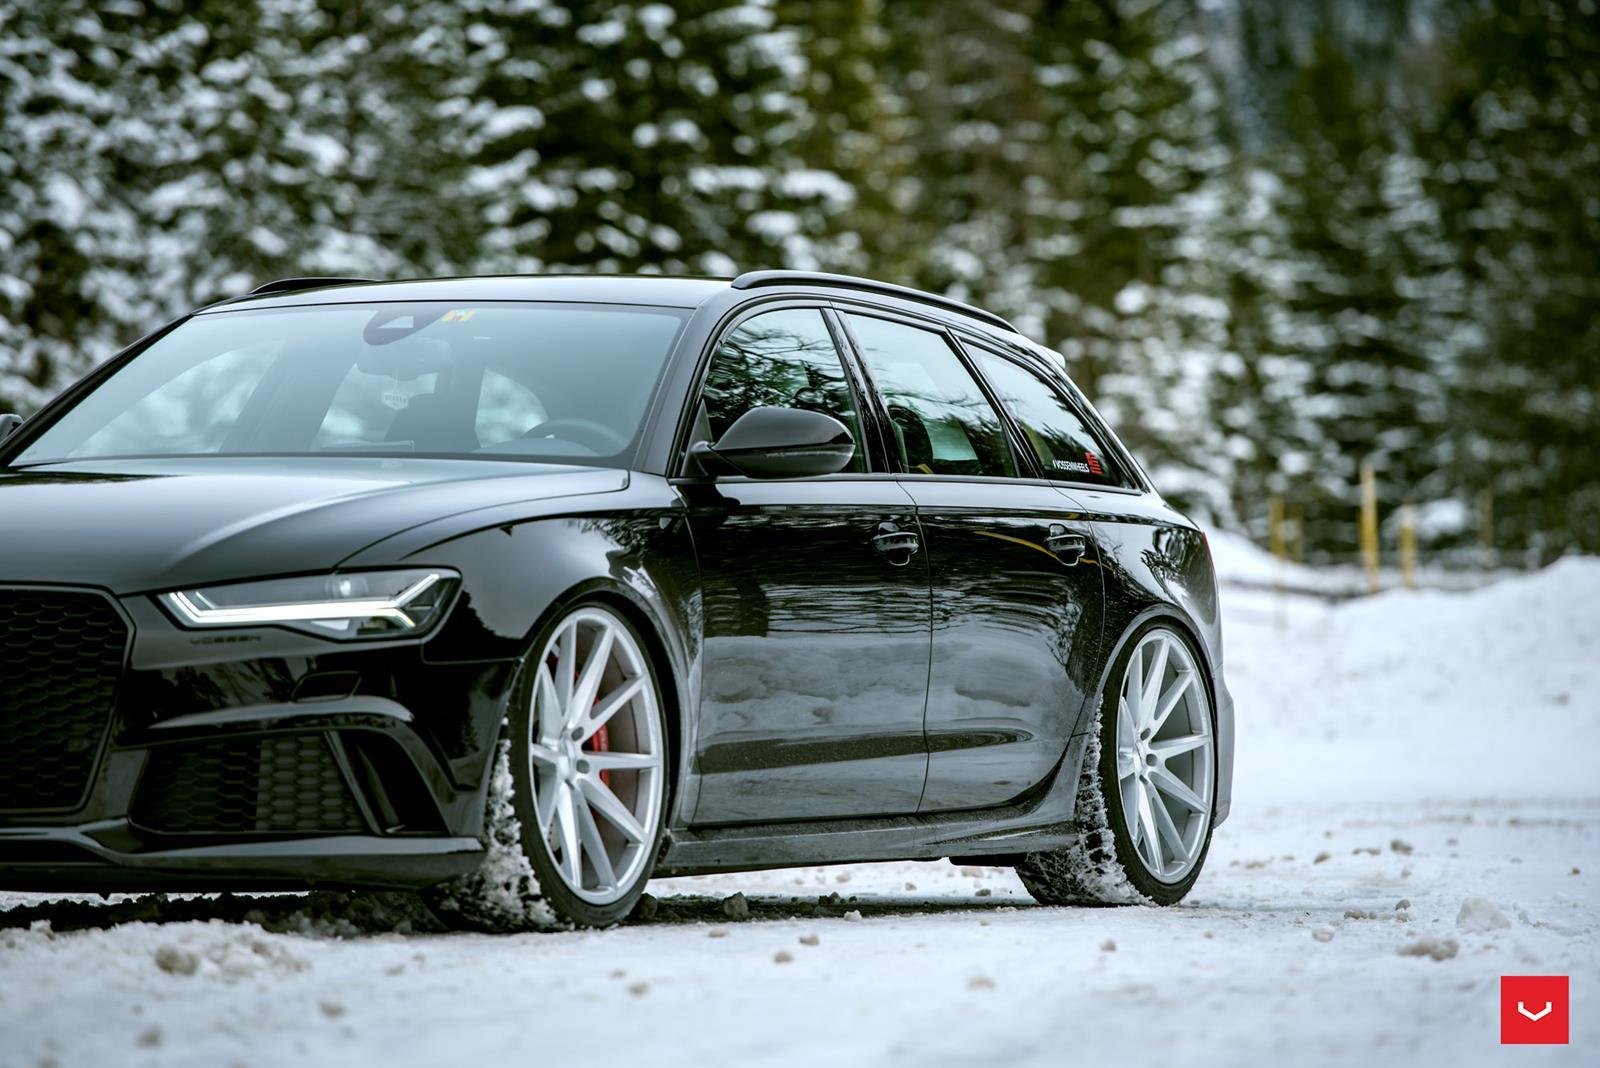 Audi Rs6 Vossen Flow Formed Series Vfs 1 Vossen Wheels